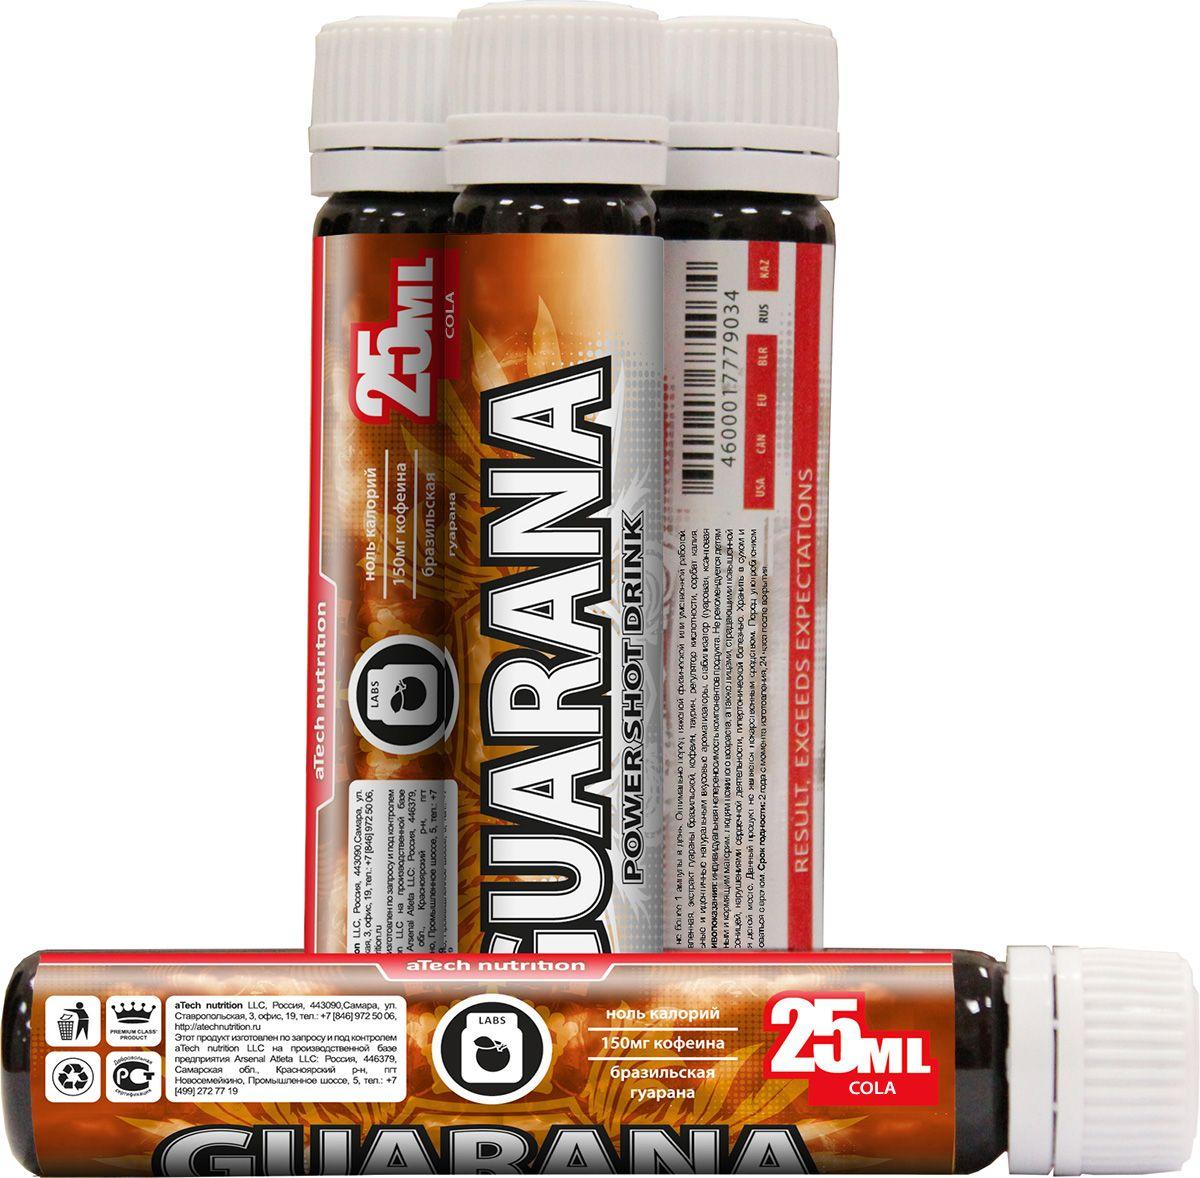 Энергетический напиток aTech Nutrition Guarana Power Shot Drink, кола, 25 мл4630019671142Мощный энергетический комплекс от aTech Nutrition в удобной упаковке по 25 мл. Одна ампула содержит 150 мг кофеина, в том числе из гуараны бразильской .В ее состав входит экстракт Гуараны Бразильской – натуральный источник связанного кофеина. В отличии от синтетического кофеина, натуральный кофеин усваивается плавно и не вызывает резкого подъема давления, перевозбуждения, усиленного сердцебиения. Так же в плодах Гуараны Бразильской, в отличие от синтетической, содержатся дубильные вещества, сапонины, амид, цинк, натрий, марганец, магний, теобромин, теофиллин, витамины PP, E, B1, B2, A.Входящий в состав продукта таурин усиливает действие Гуараны, а так же способствует улучшению кровообращения и метаболизму сердца, благотворно влияет на сосуды, костную ткань, улучшает память, зрение, укрепляет иммунитет. Принимая Guarana от aTech nutrition Вы стимулируете центральную нервную систему, повышаете работоспособность и улучшаете выносливость. Состав: вода подготовленная, экстракт гуараны бразильской, кофеин, таурин, регулятор кислотности, сорбат калия, пищевой краситель, натуральные и идентичные натуральным вкусовые ароматизаторы, стабилизатор (гуаровая, ксантовая камедь), подсластитель.